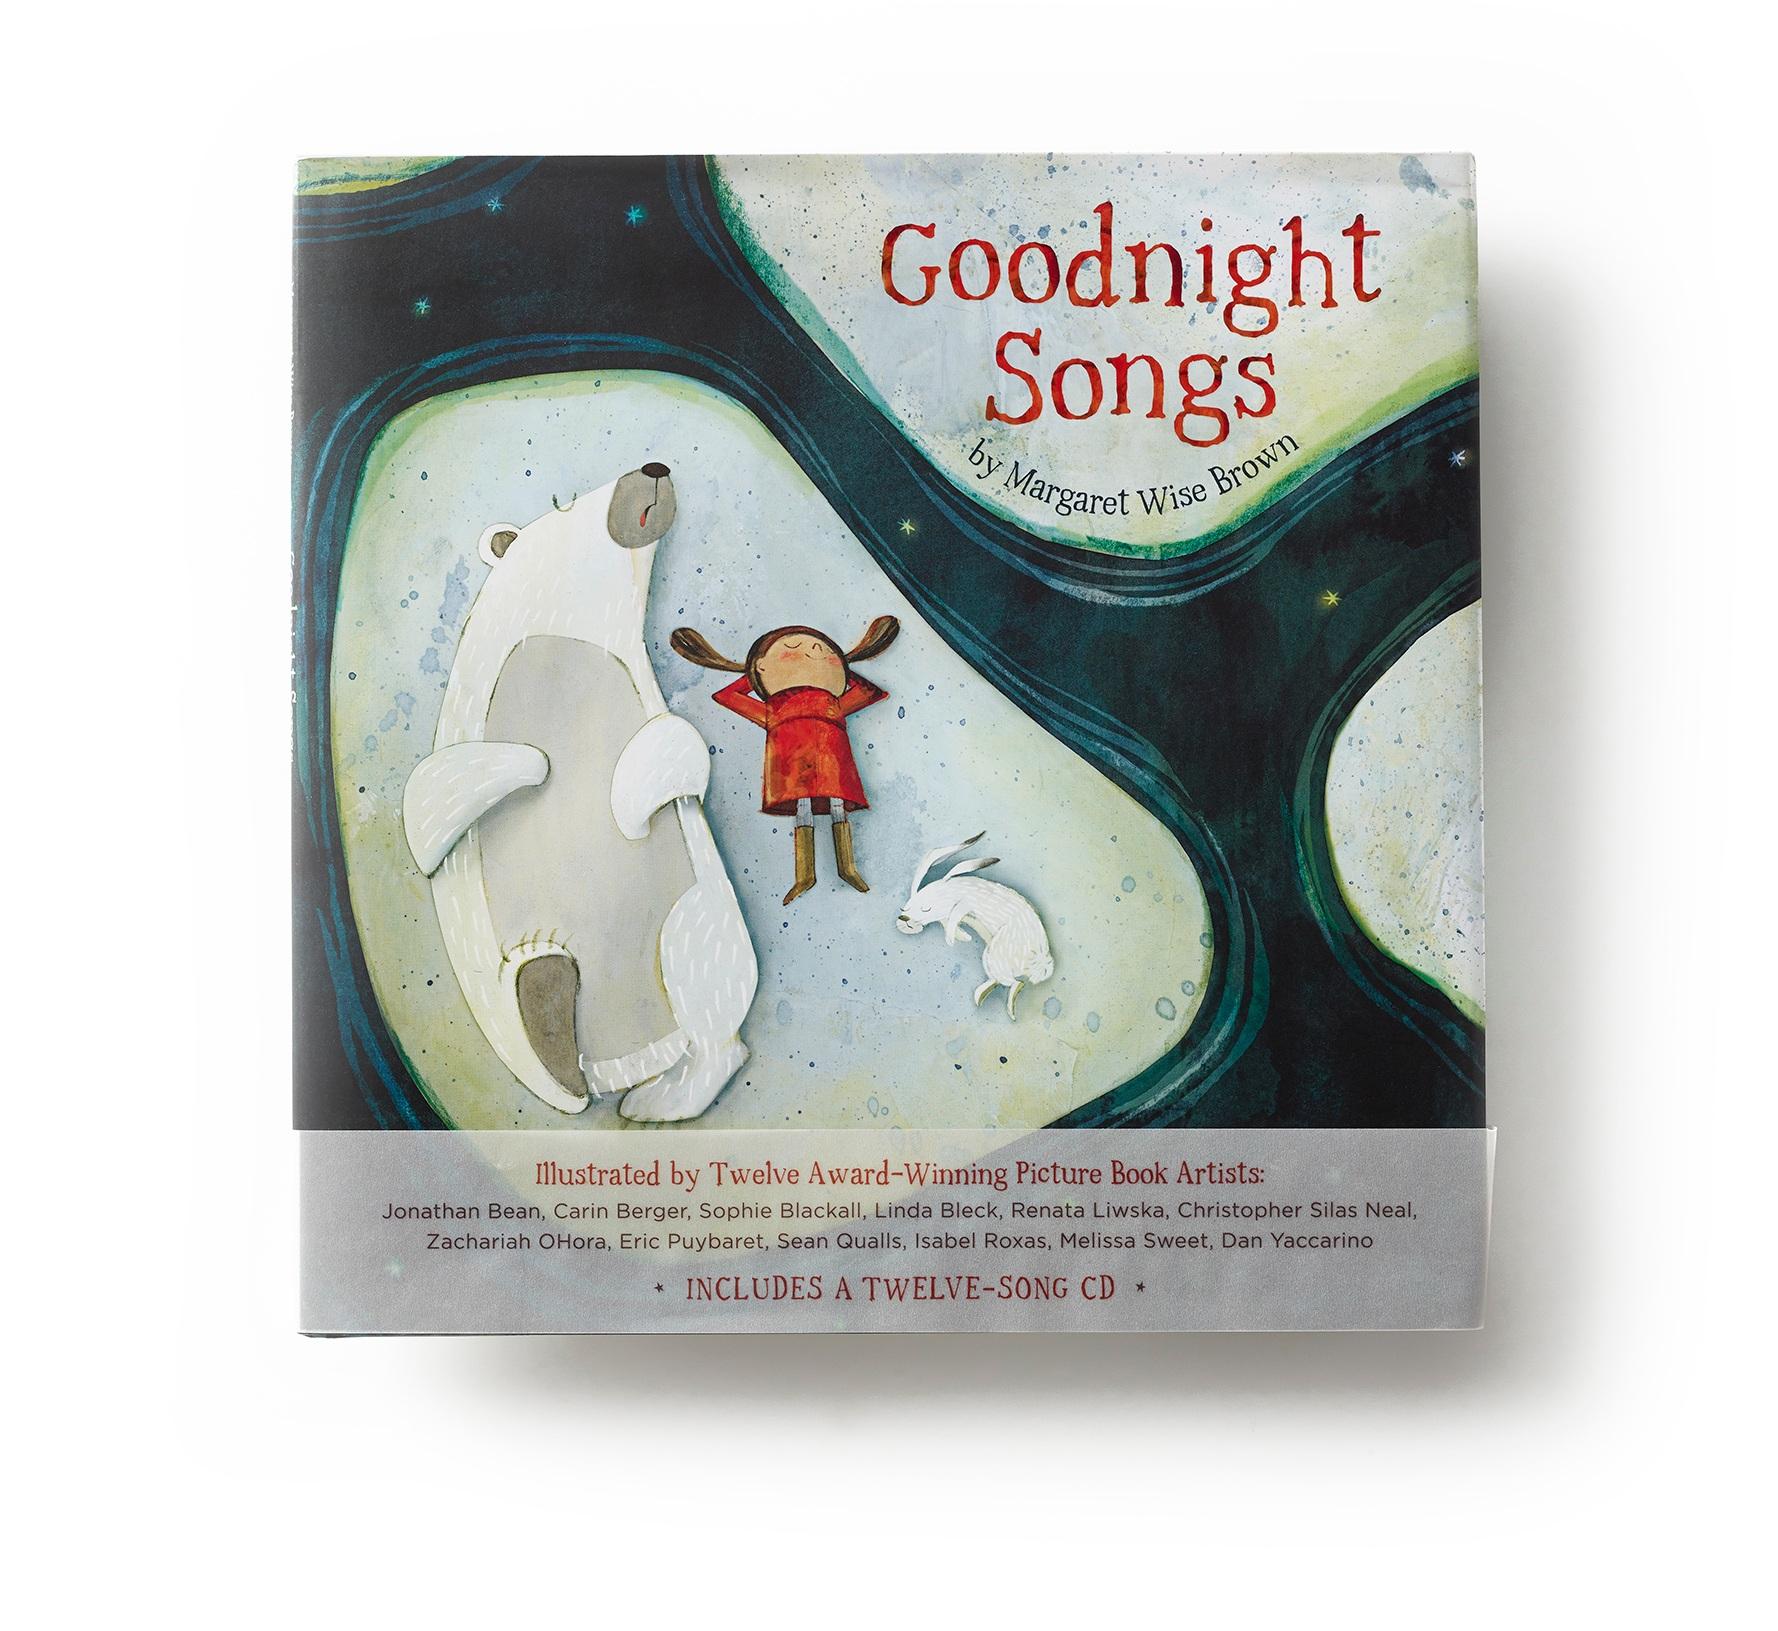 Goodnight+Songs+Cover.jpg